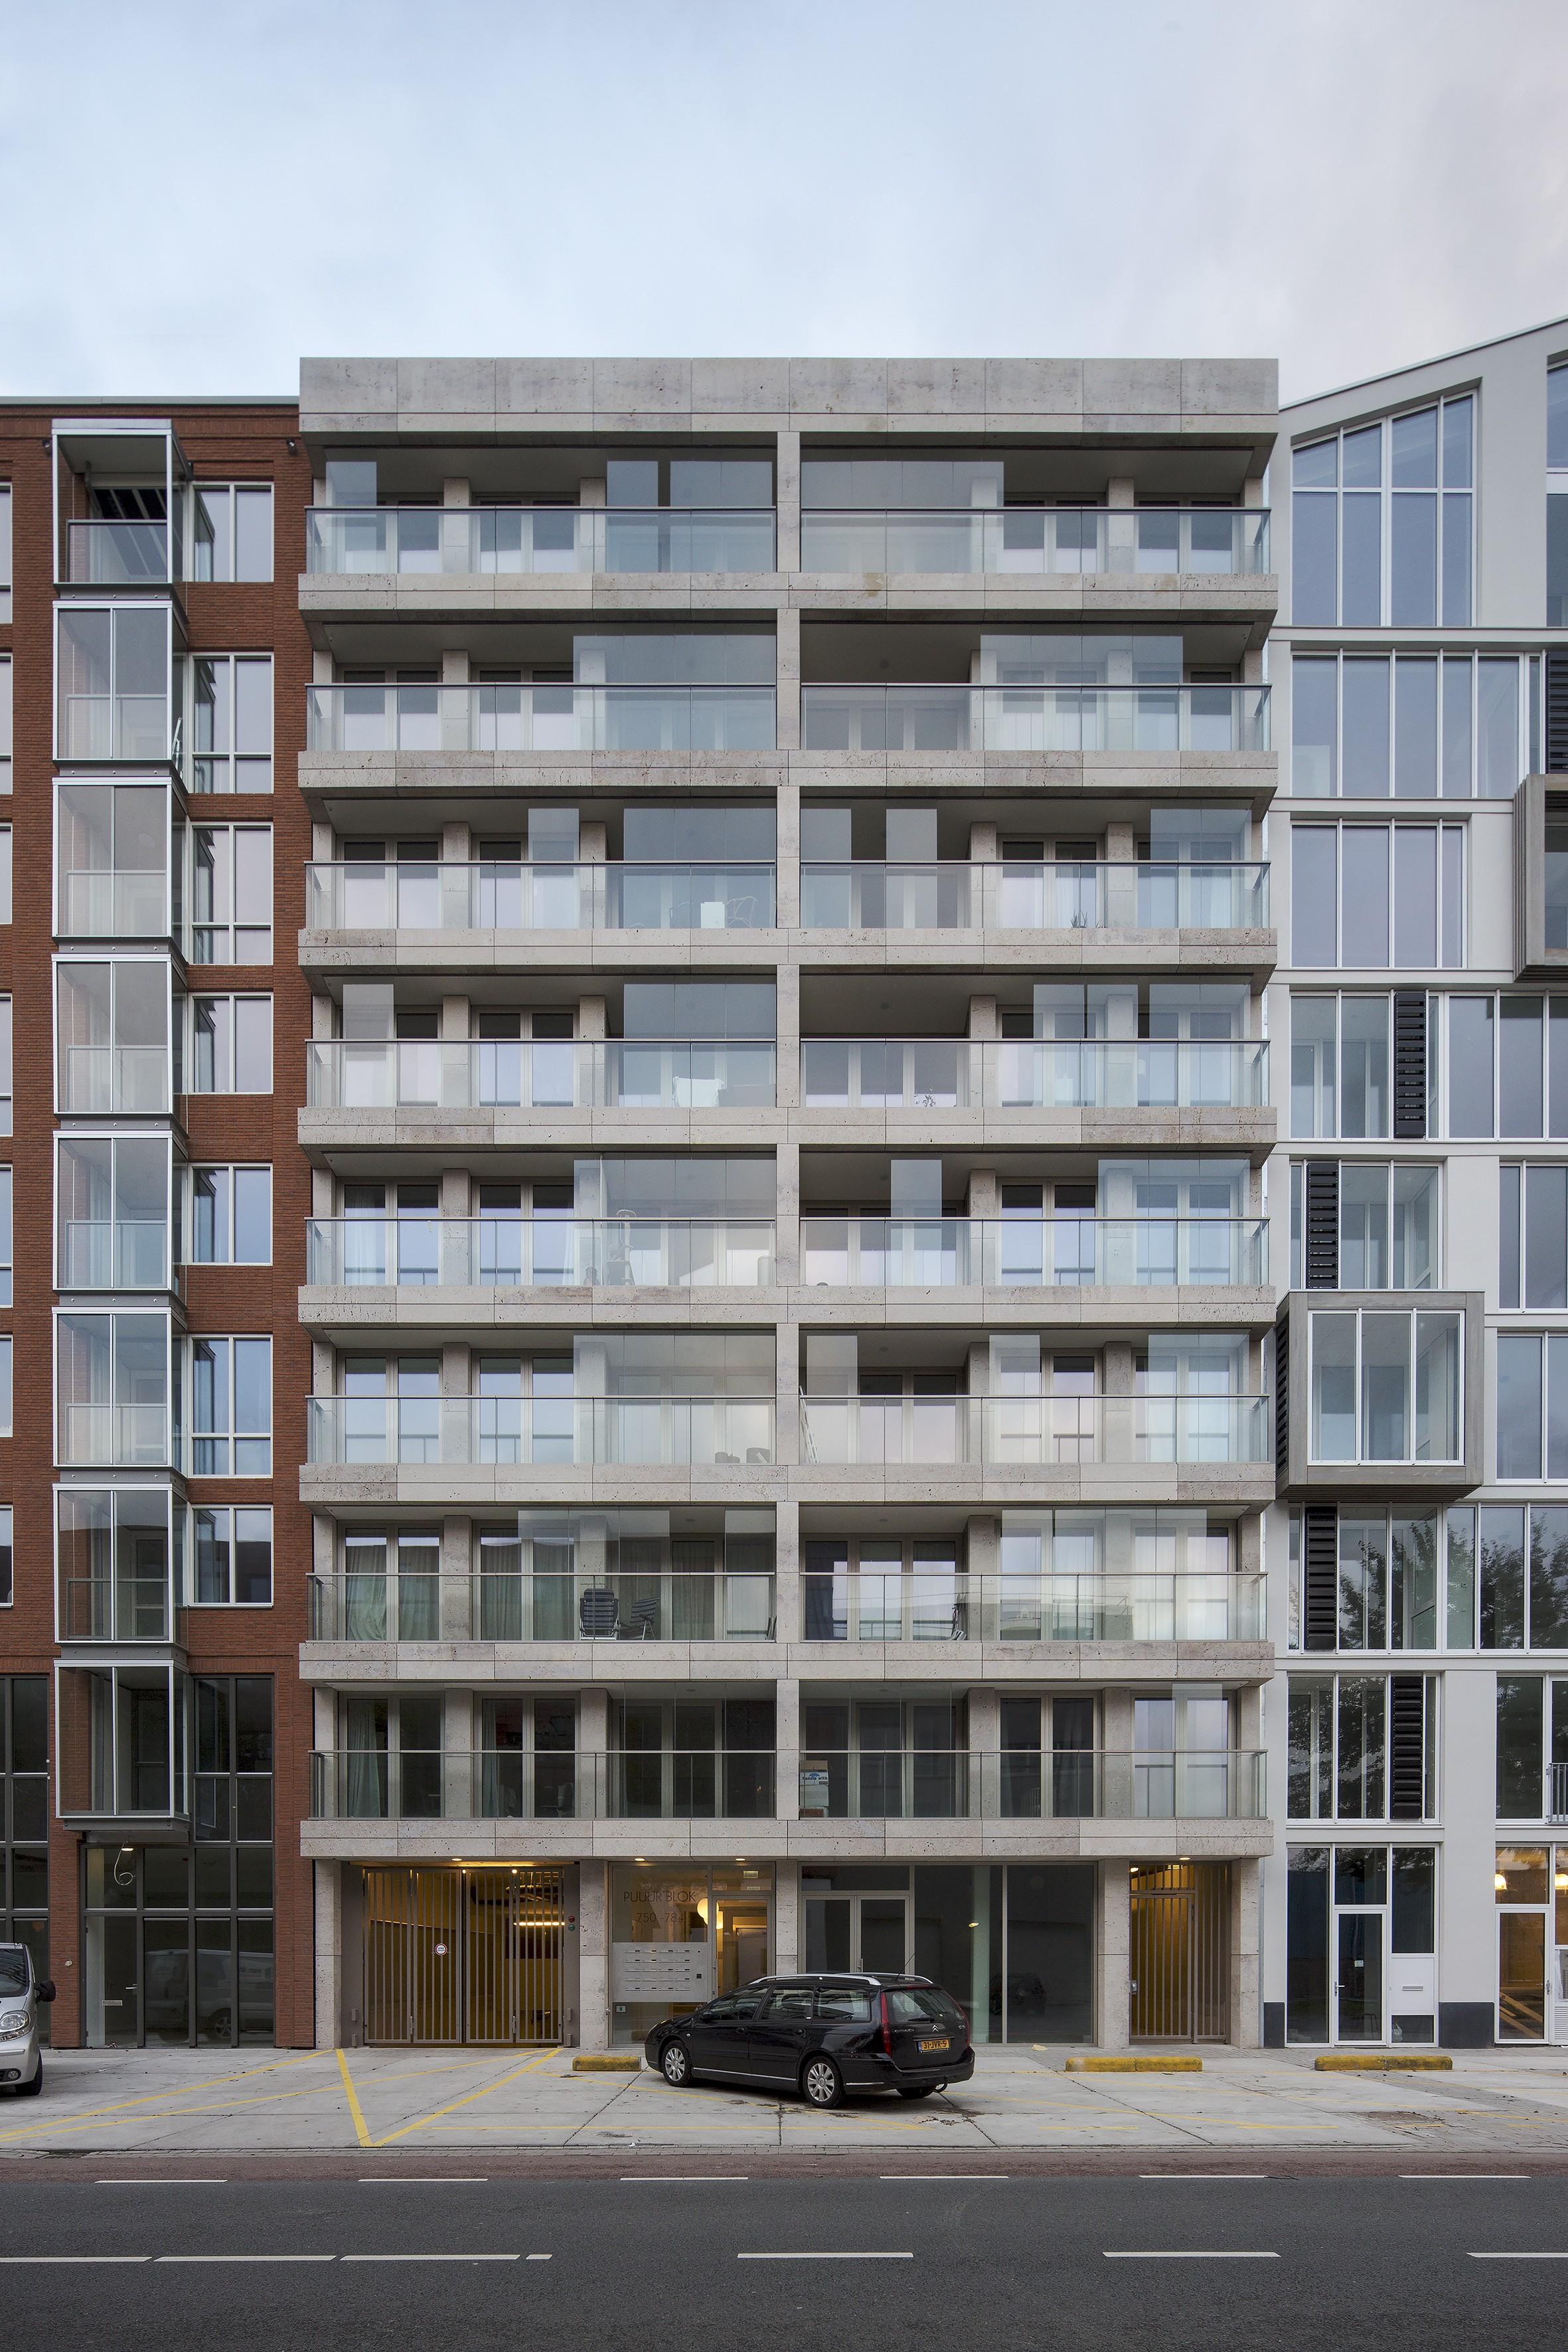 Atelier PUUUR BLOK loft apartement BLOK0 Houthaven Amsterdam CO zelfbouw geluidbelaste gevel